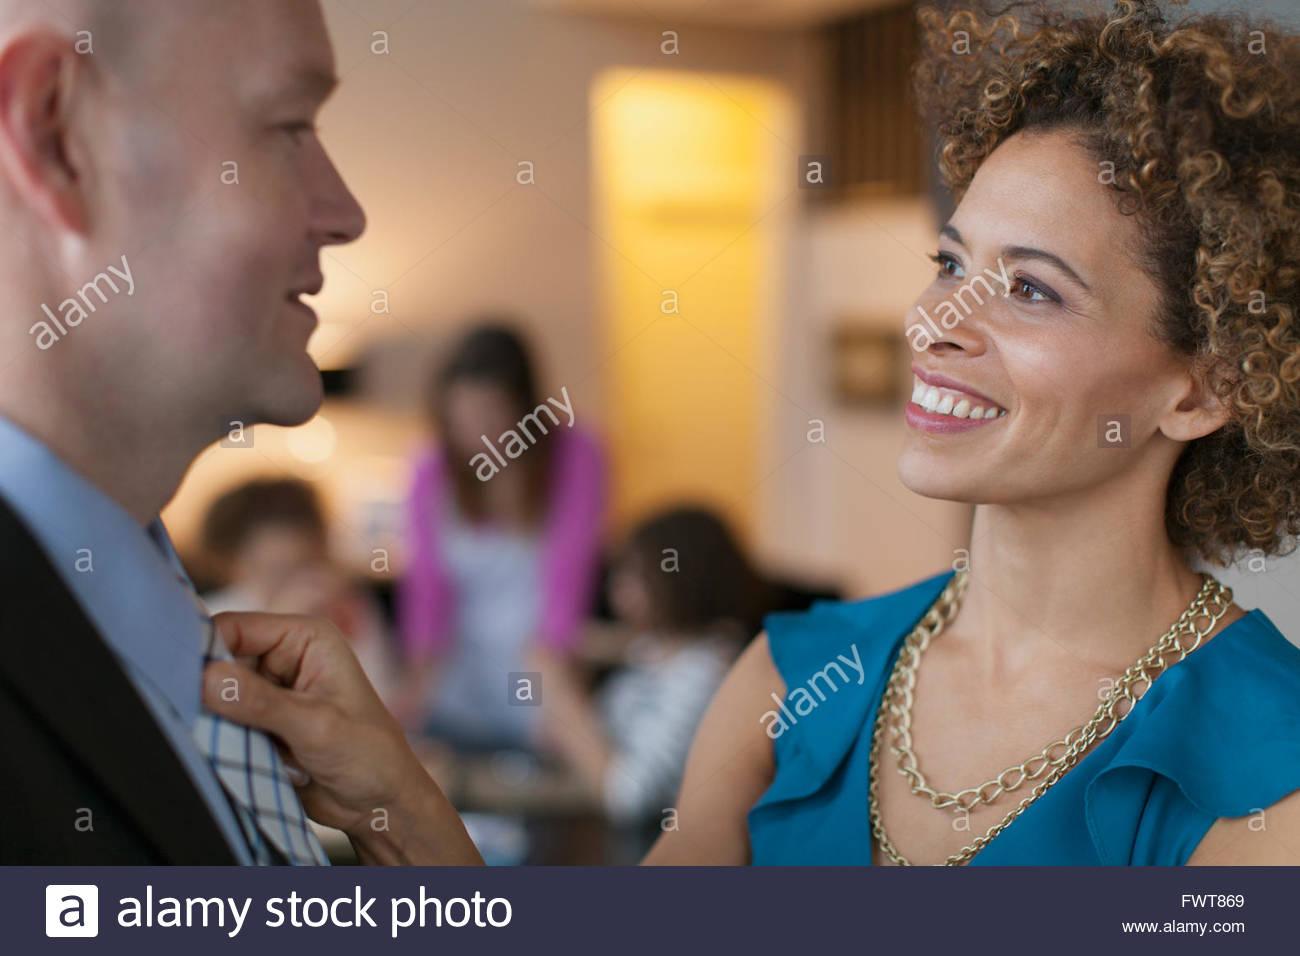 Regolazione della moglie mariti cravattina prima di andare fuori. Immagini Stock